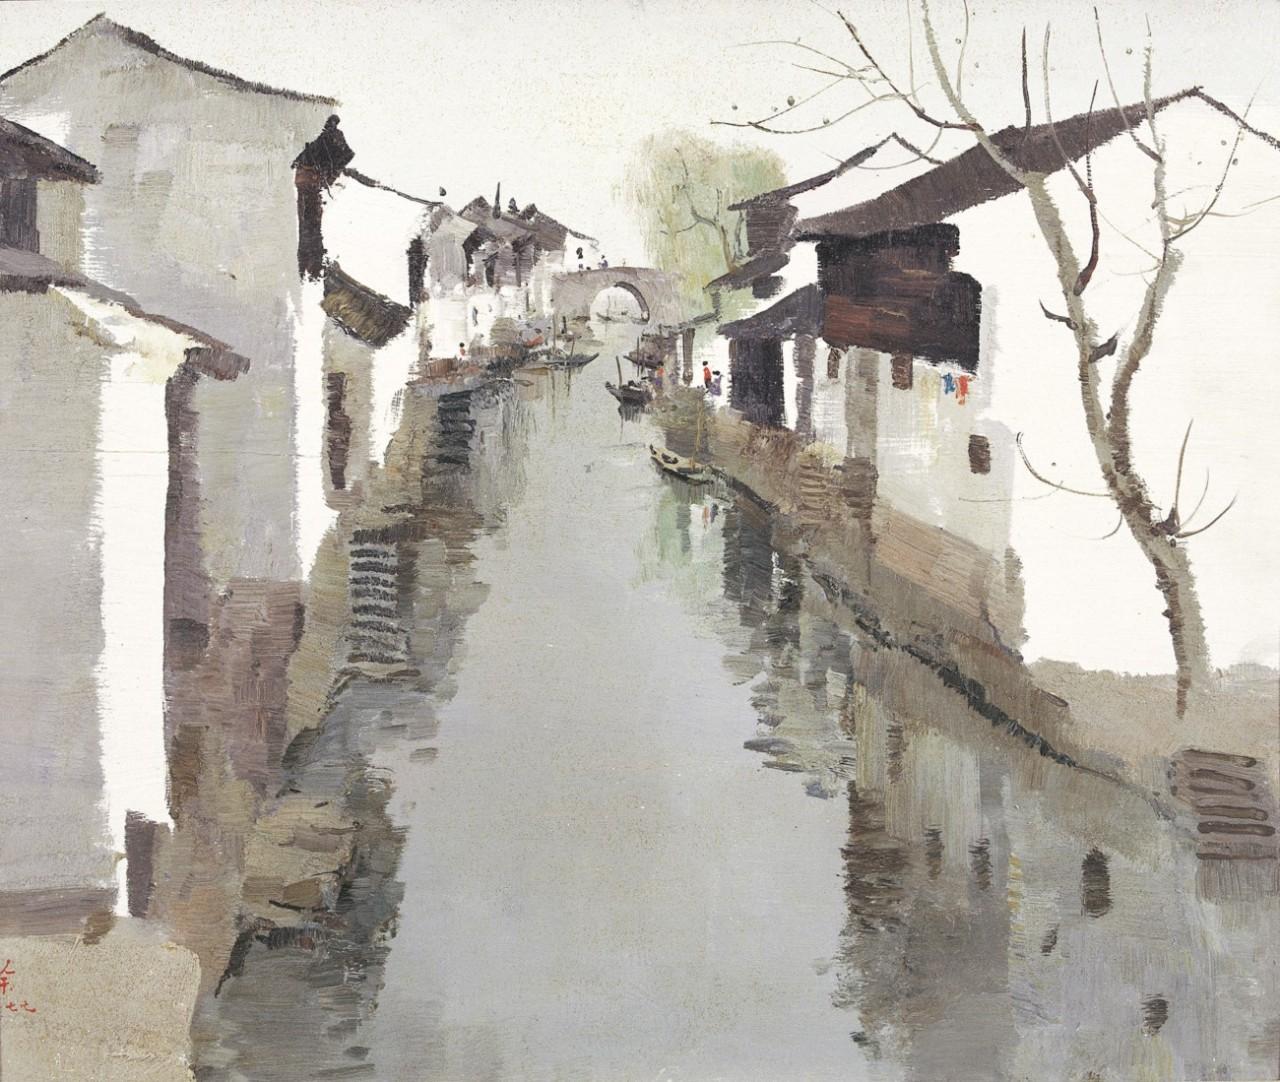 Wu Guanzhong (1919 - 2010) Lu Xun's Old Home, 1977